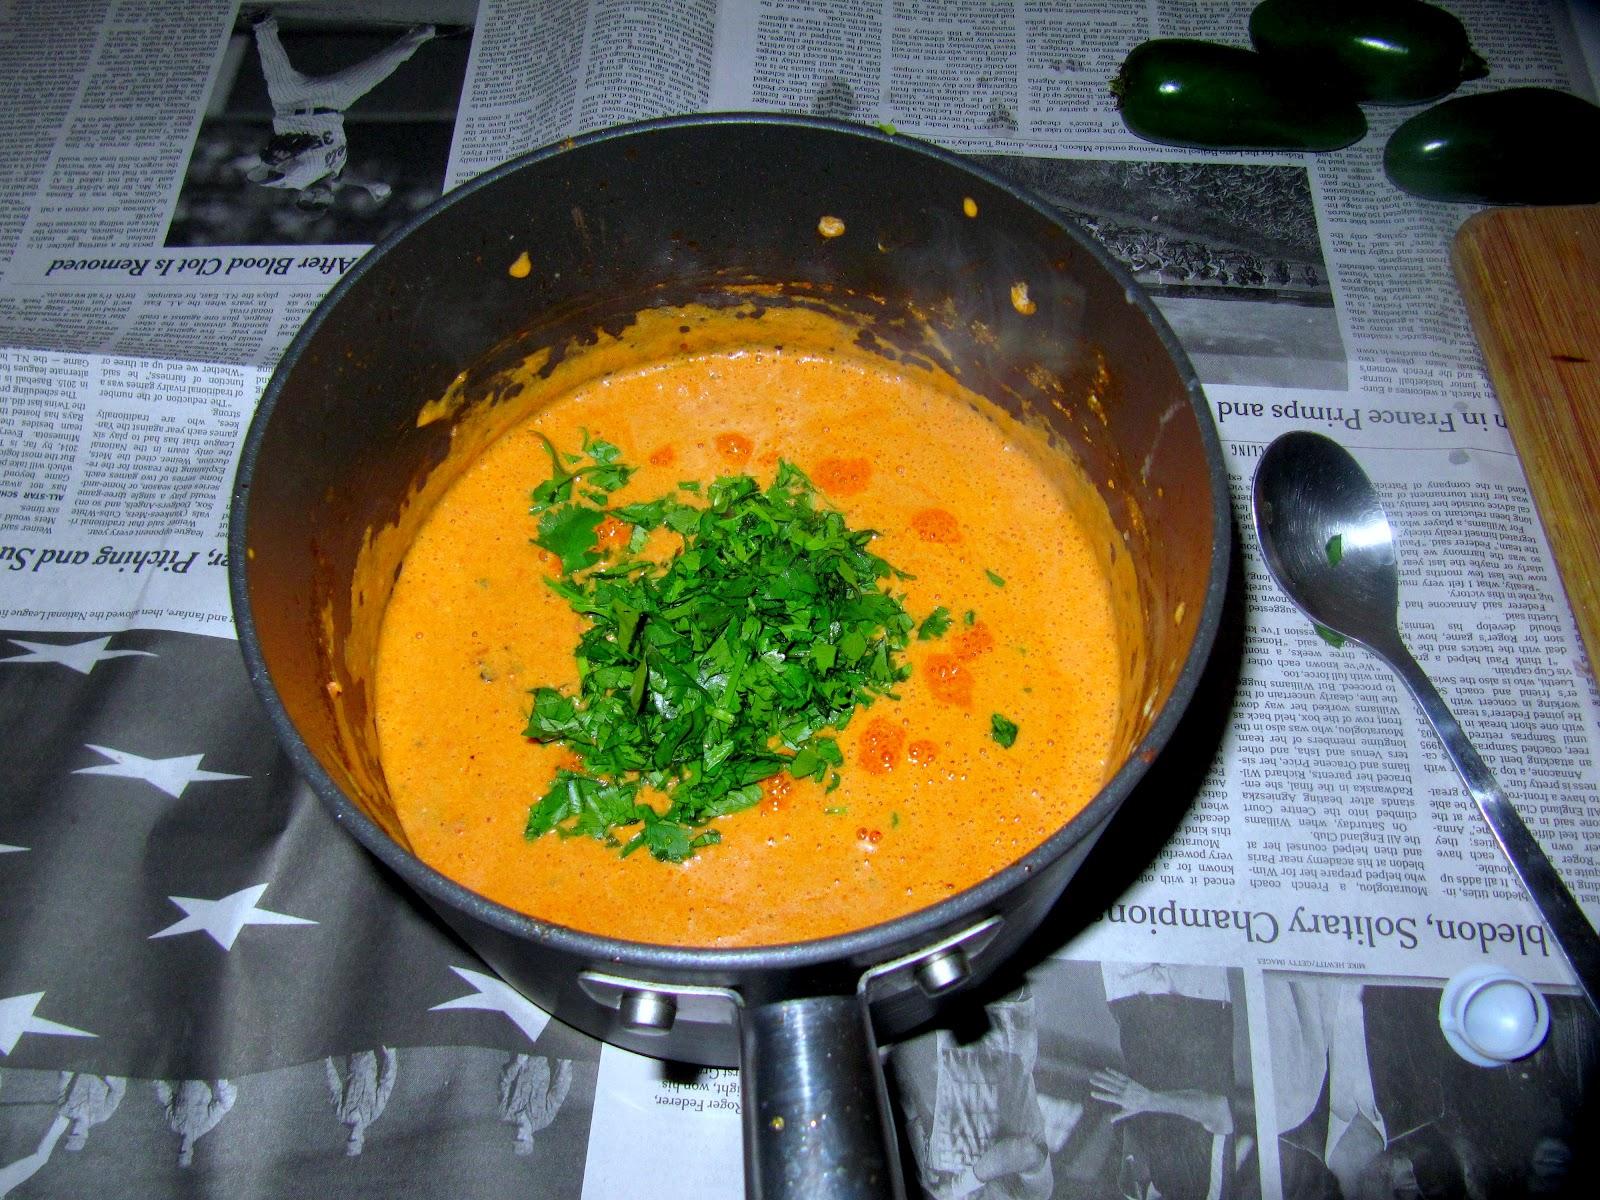 خوراک دال عدس چی بپزم و عطاری ابّا علت و درمان